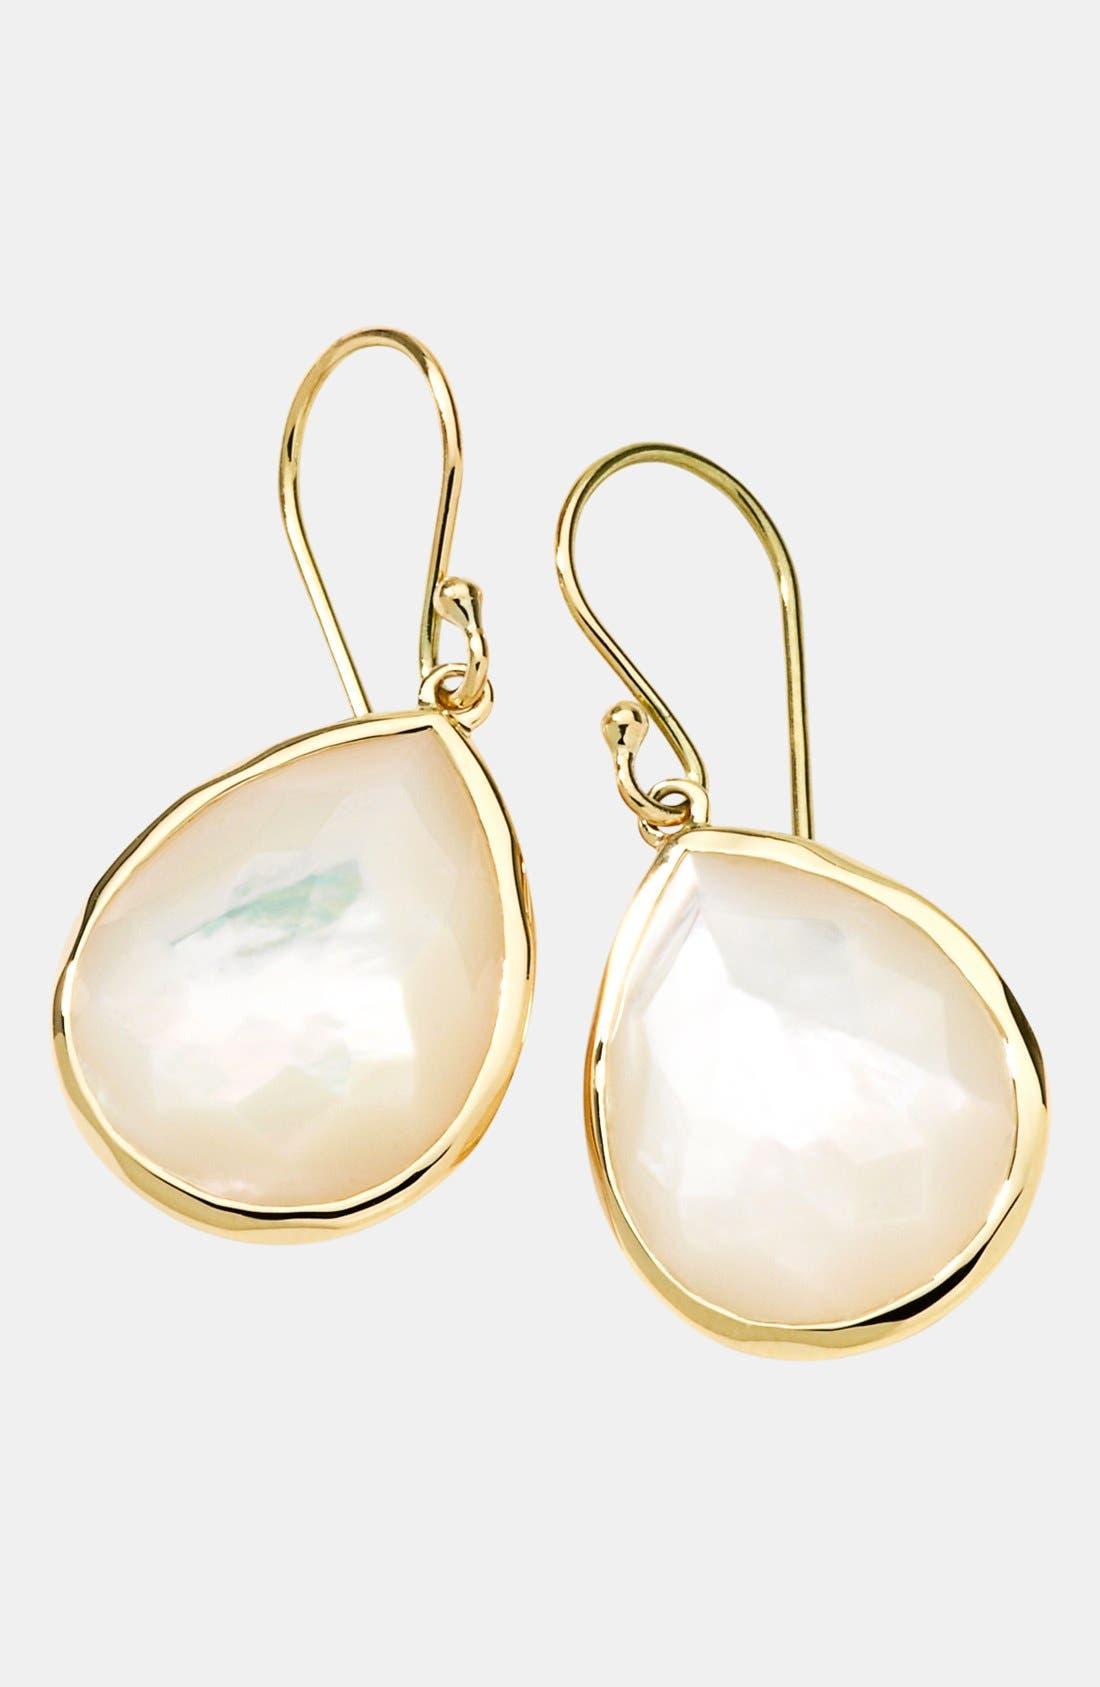 Main Image - Ippolita 'Rock Candy' 18k Gold Teardrop Earrings